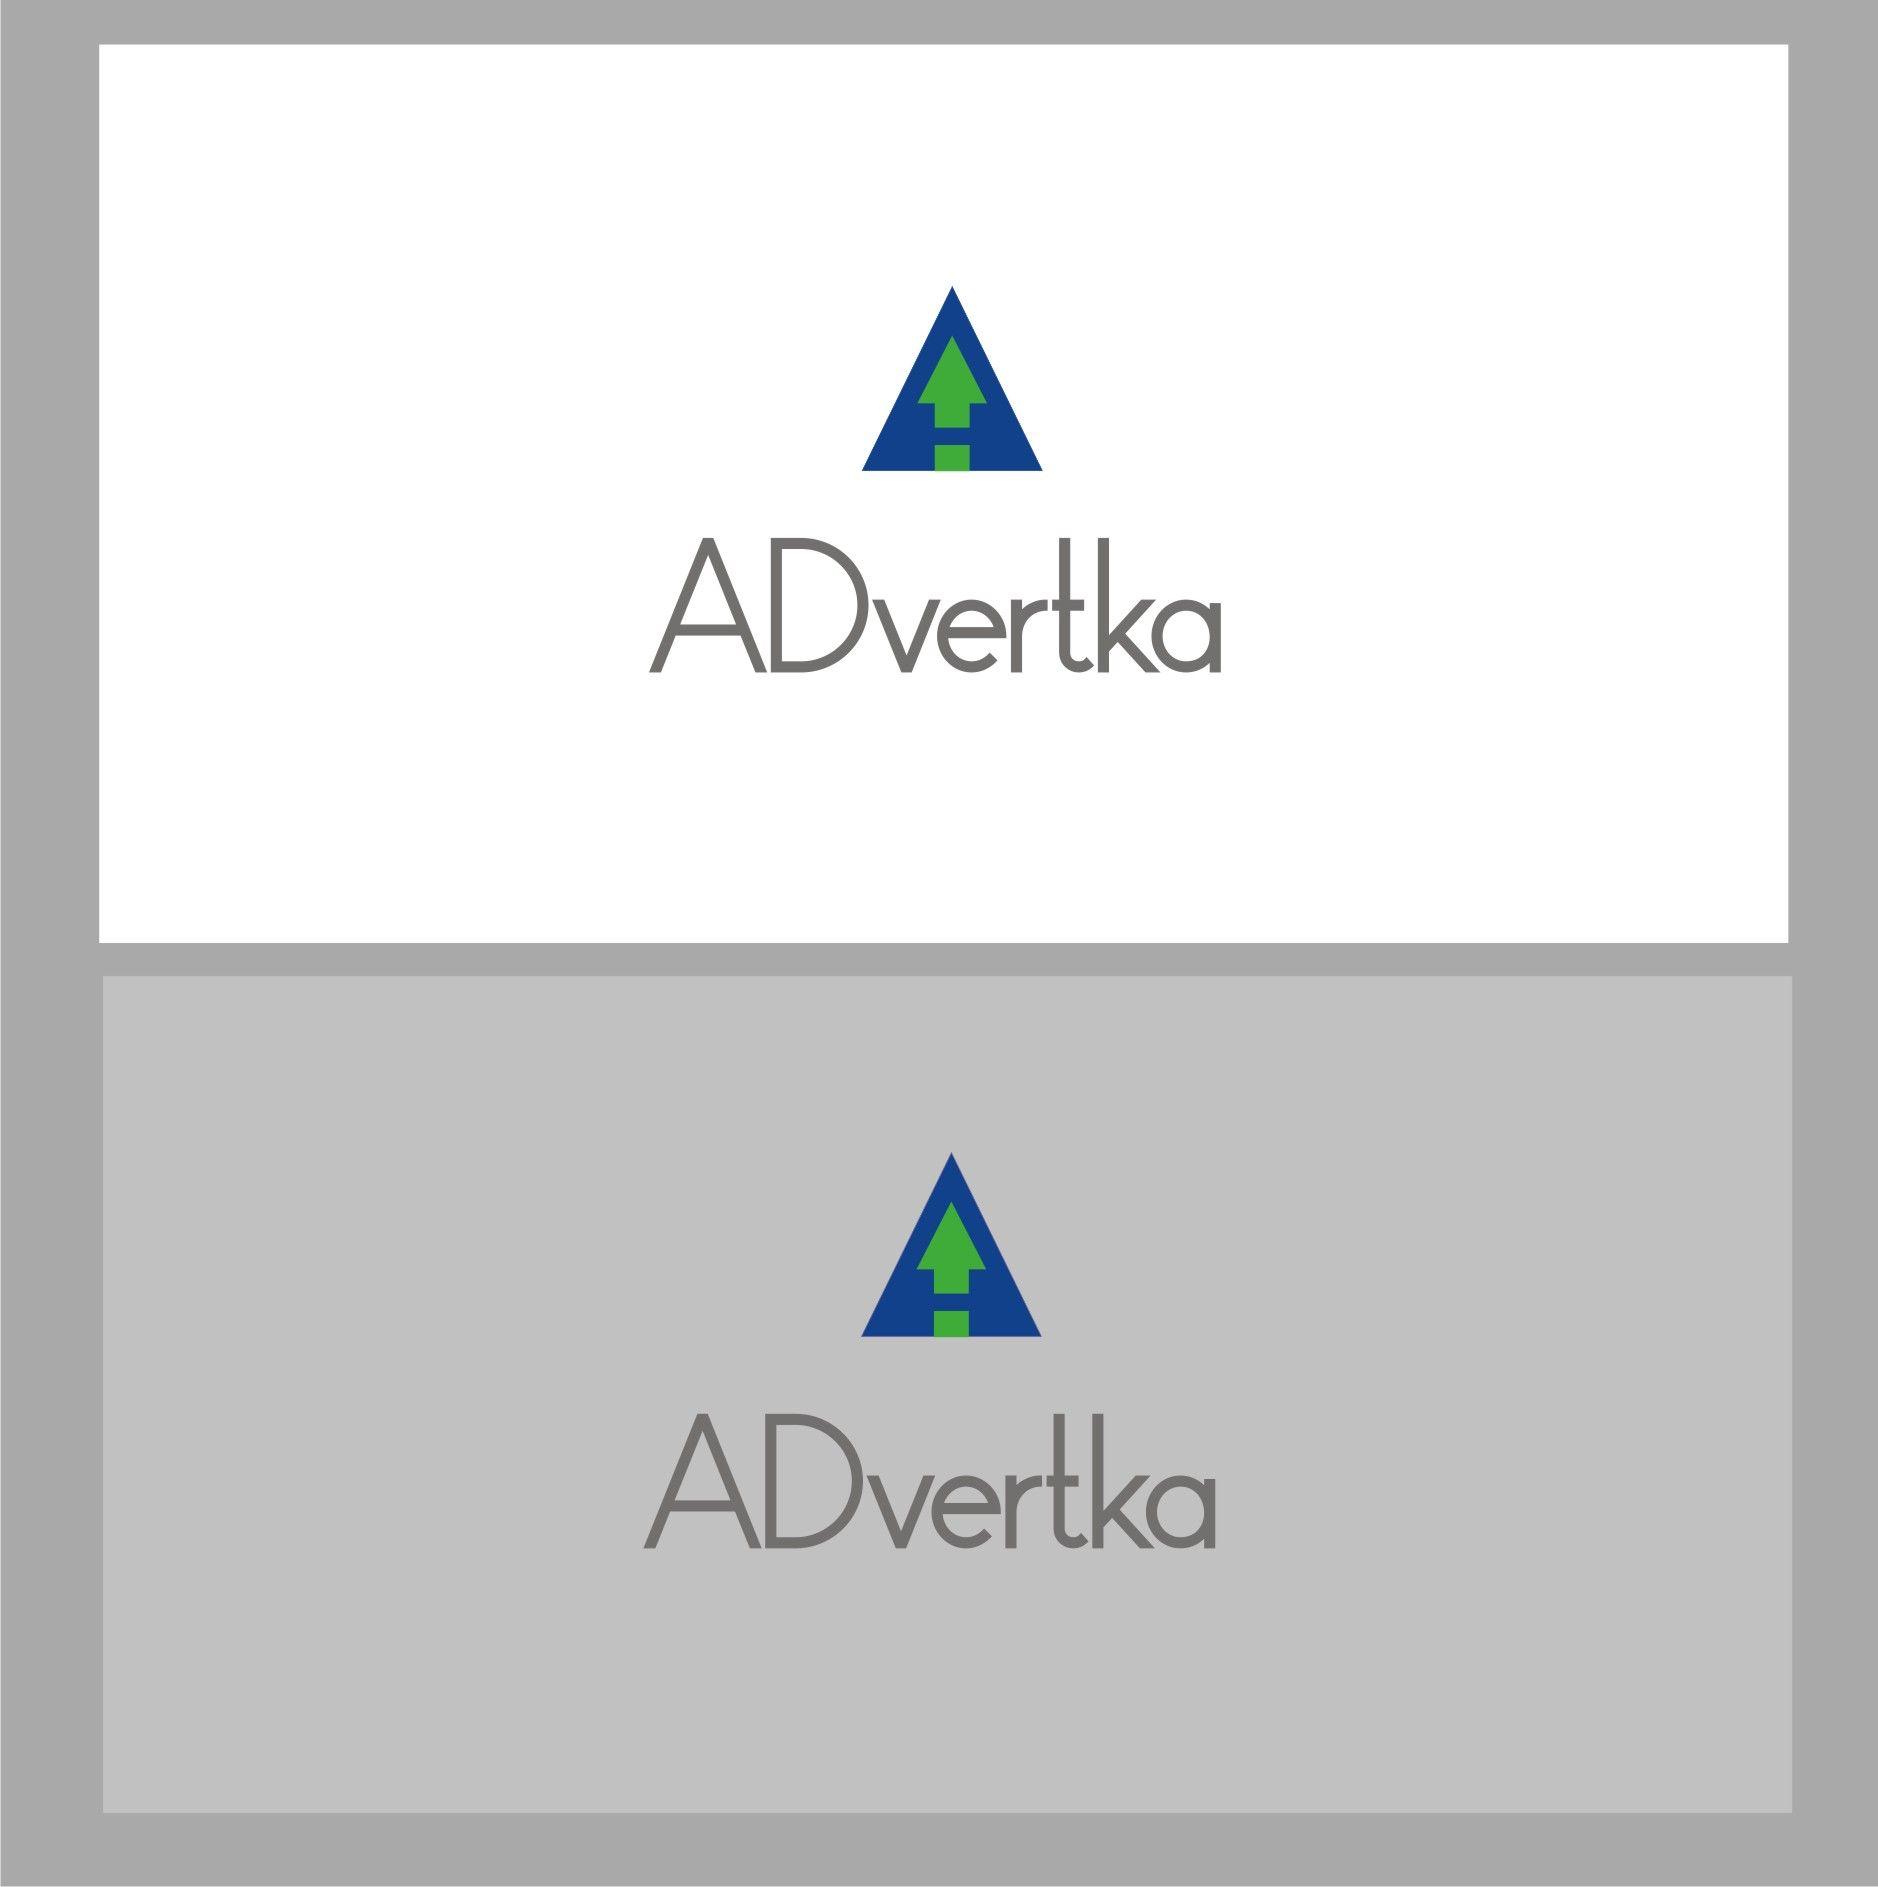 логотип для интернет агентства ADvertka - дизайнер dbyjuhfl